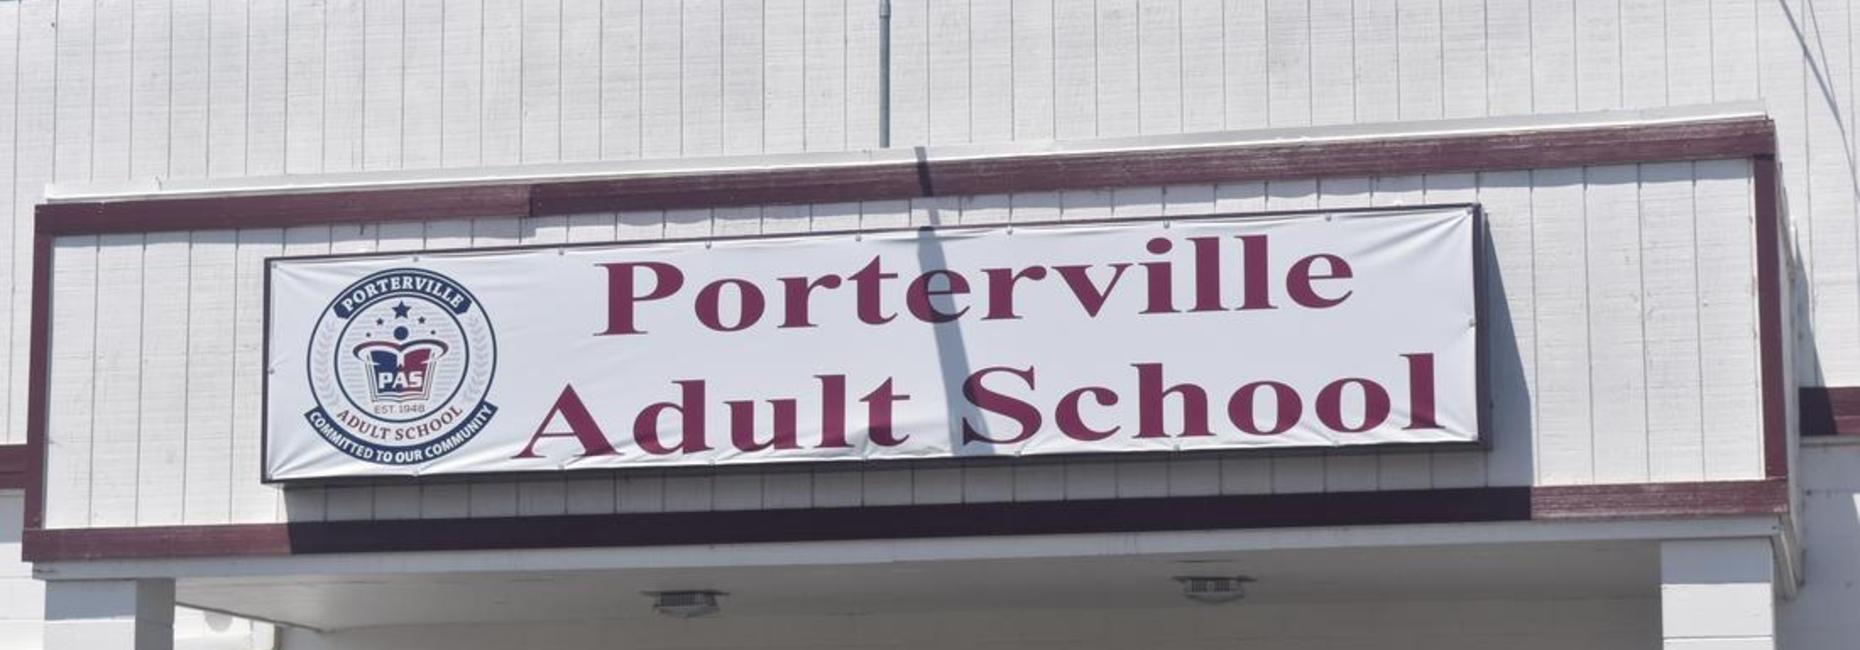 Porterville Adult School